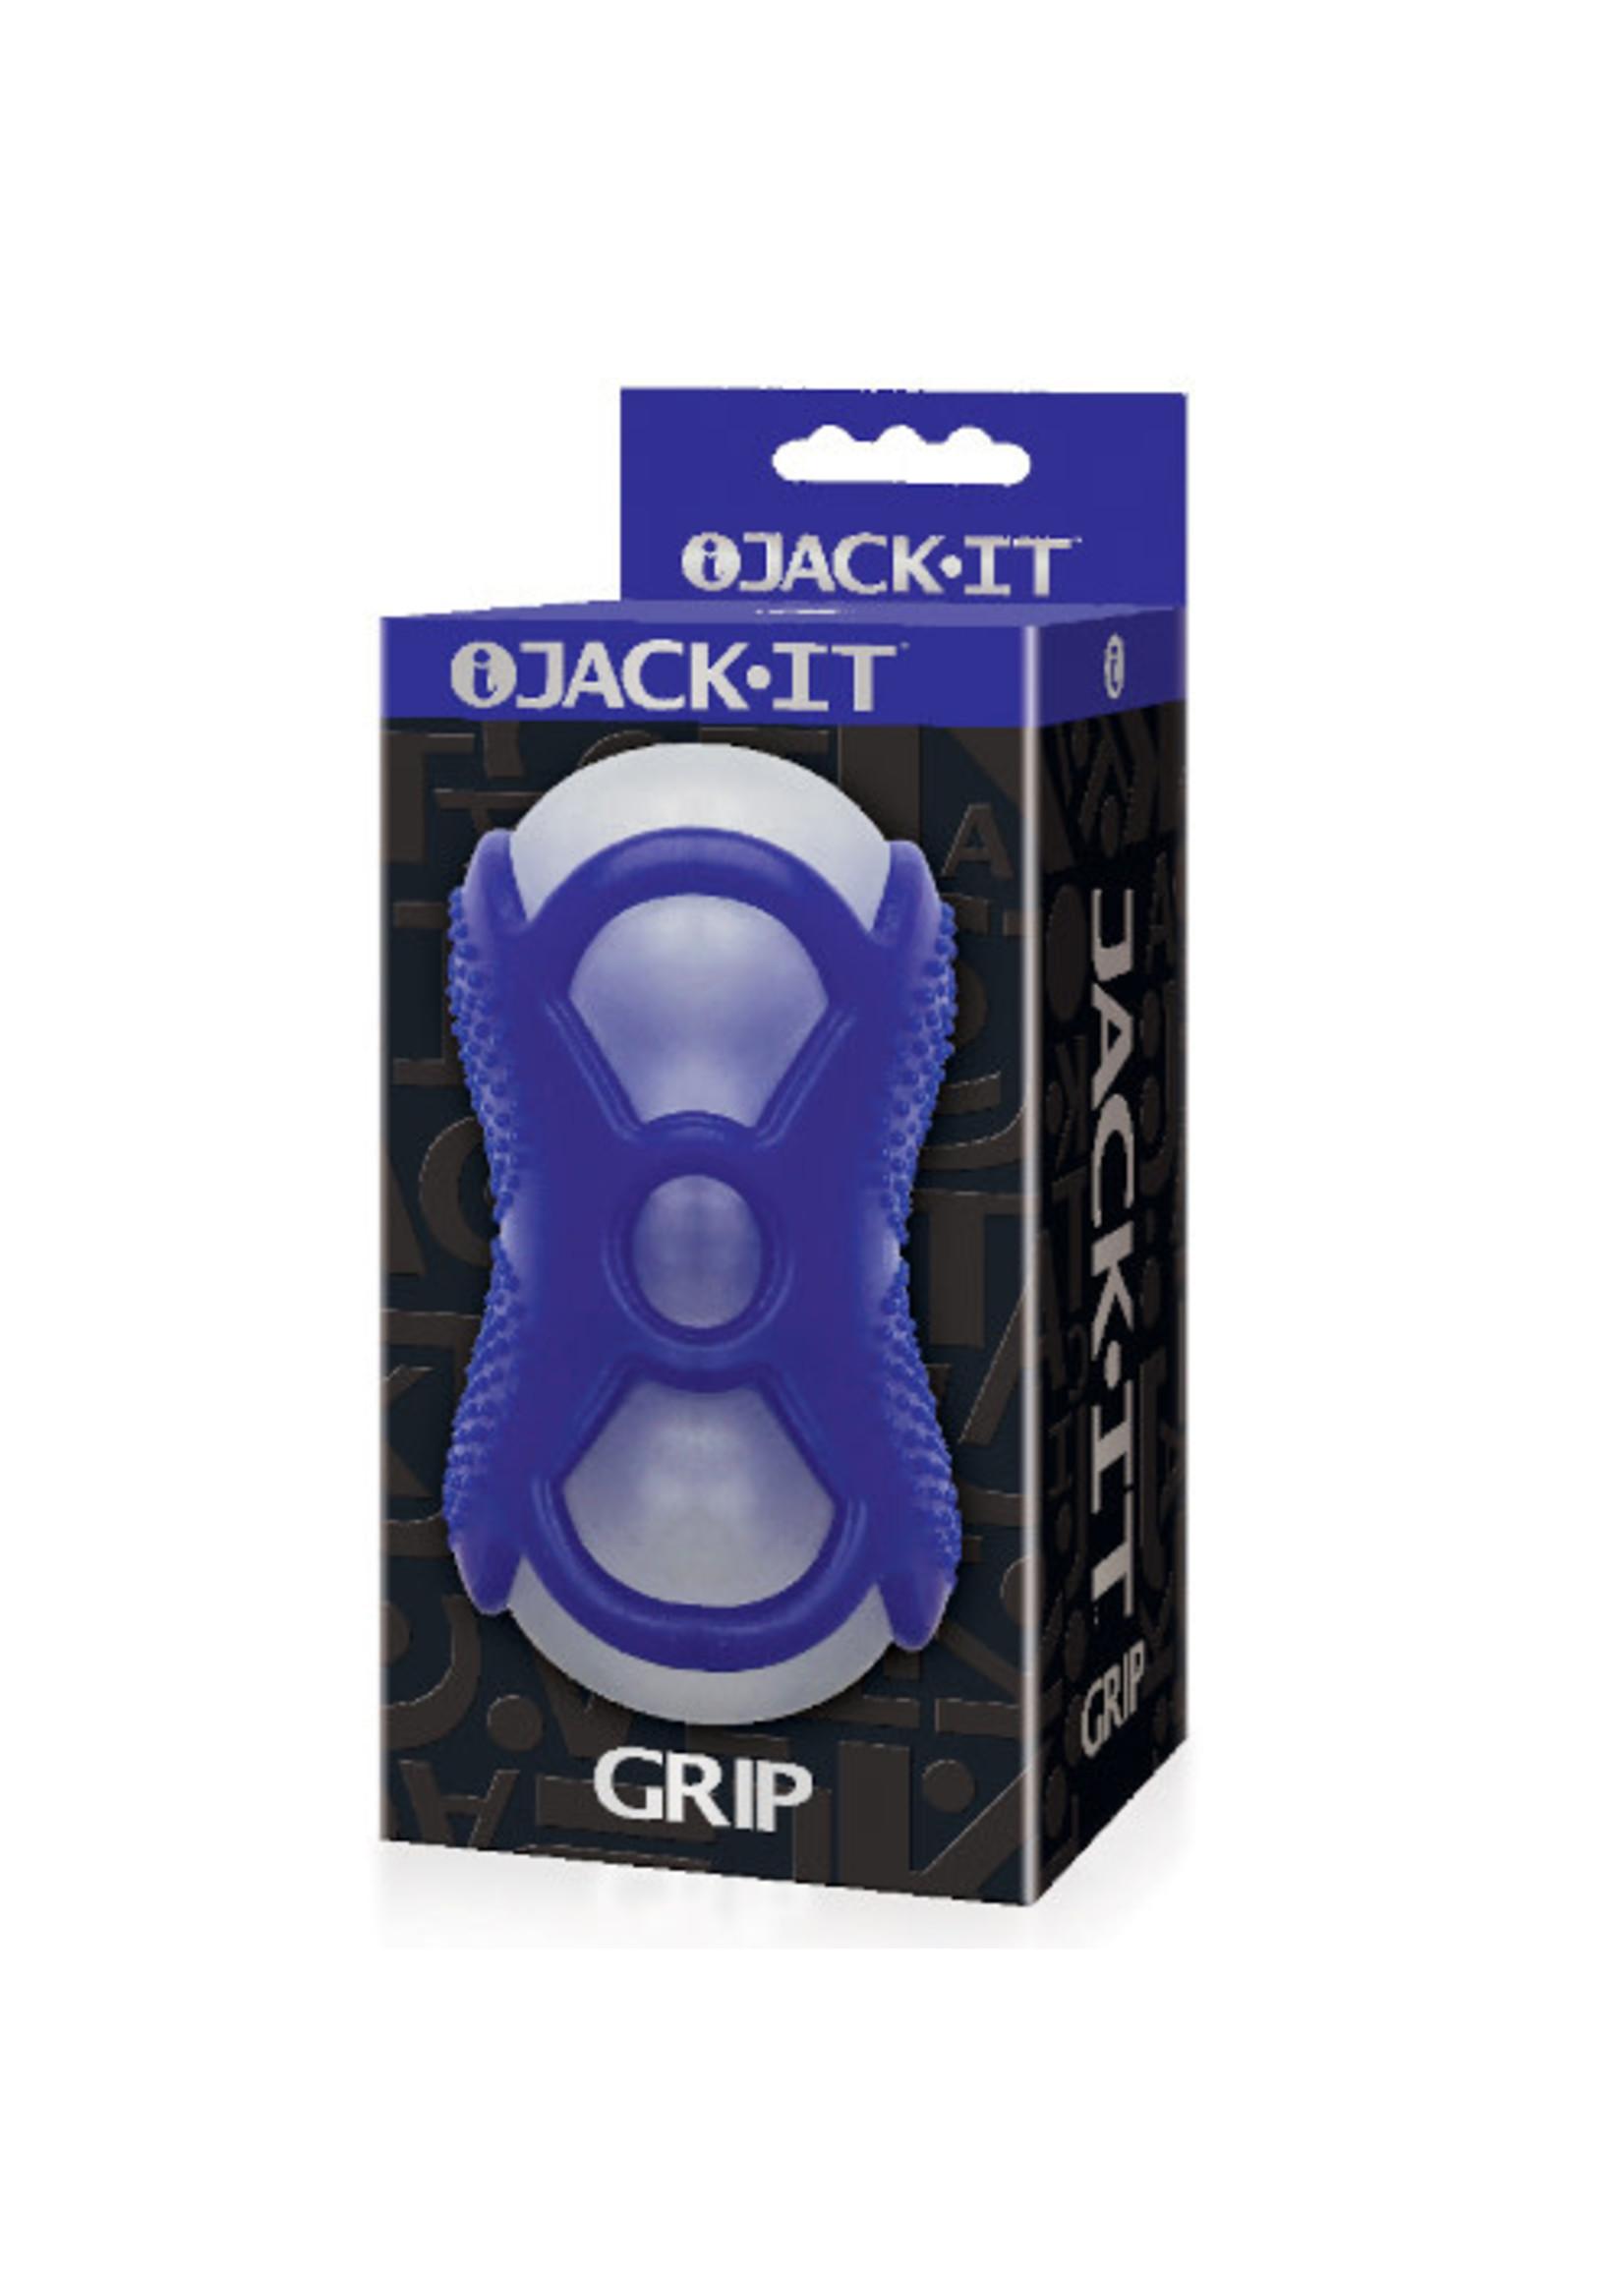 Jack-it Grip Stroker